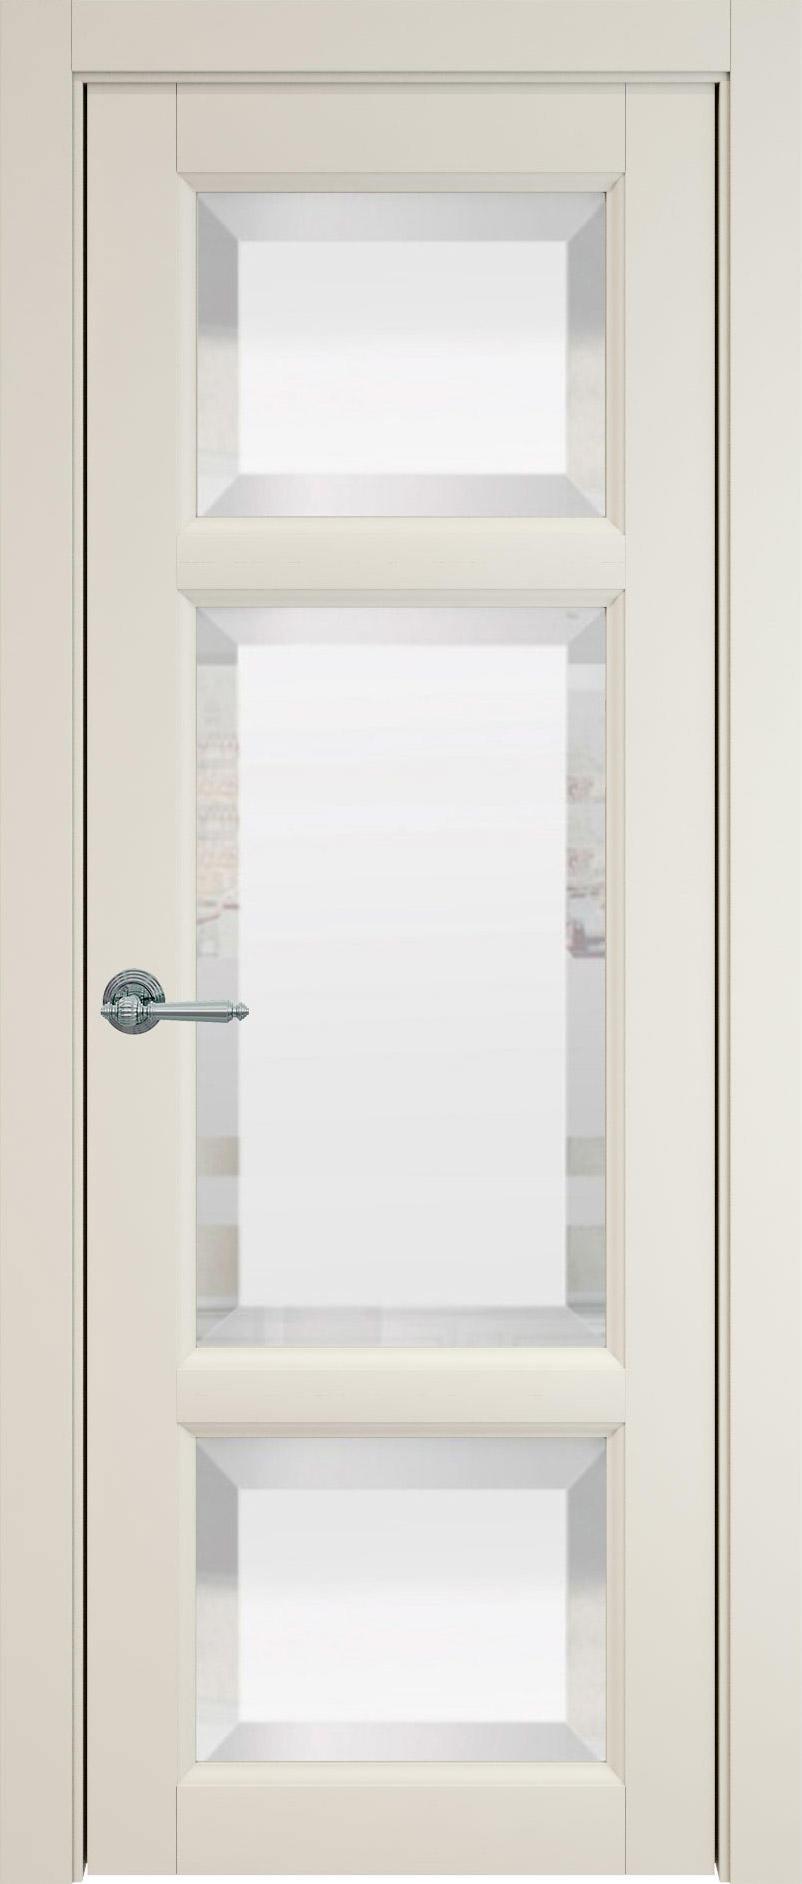 Siena цвет - Жемчужная эмаль (RAL 1013) Со стеклом (ДО)